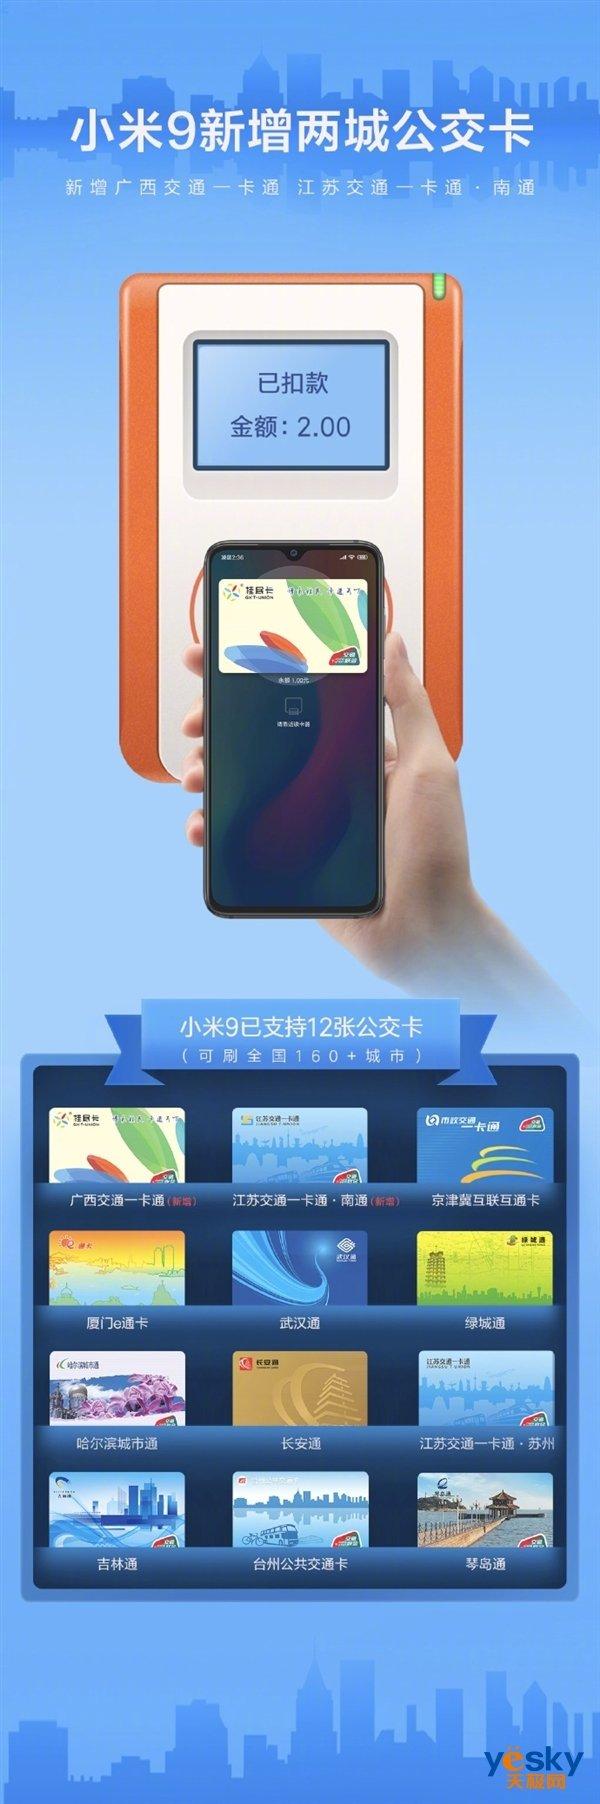 小米9又新增两城公交卡 可在全国160+城市刷手机乘坐公交